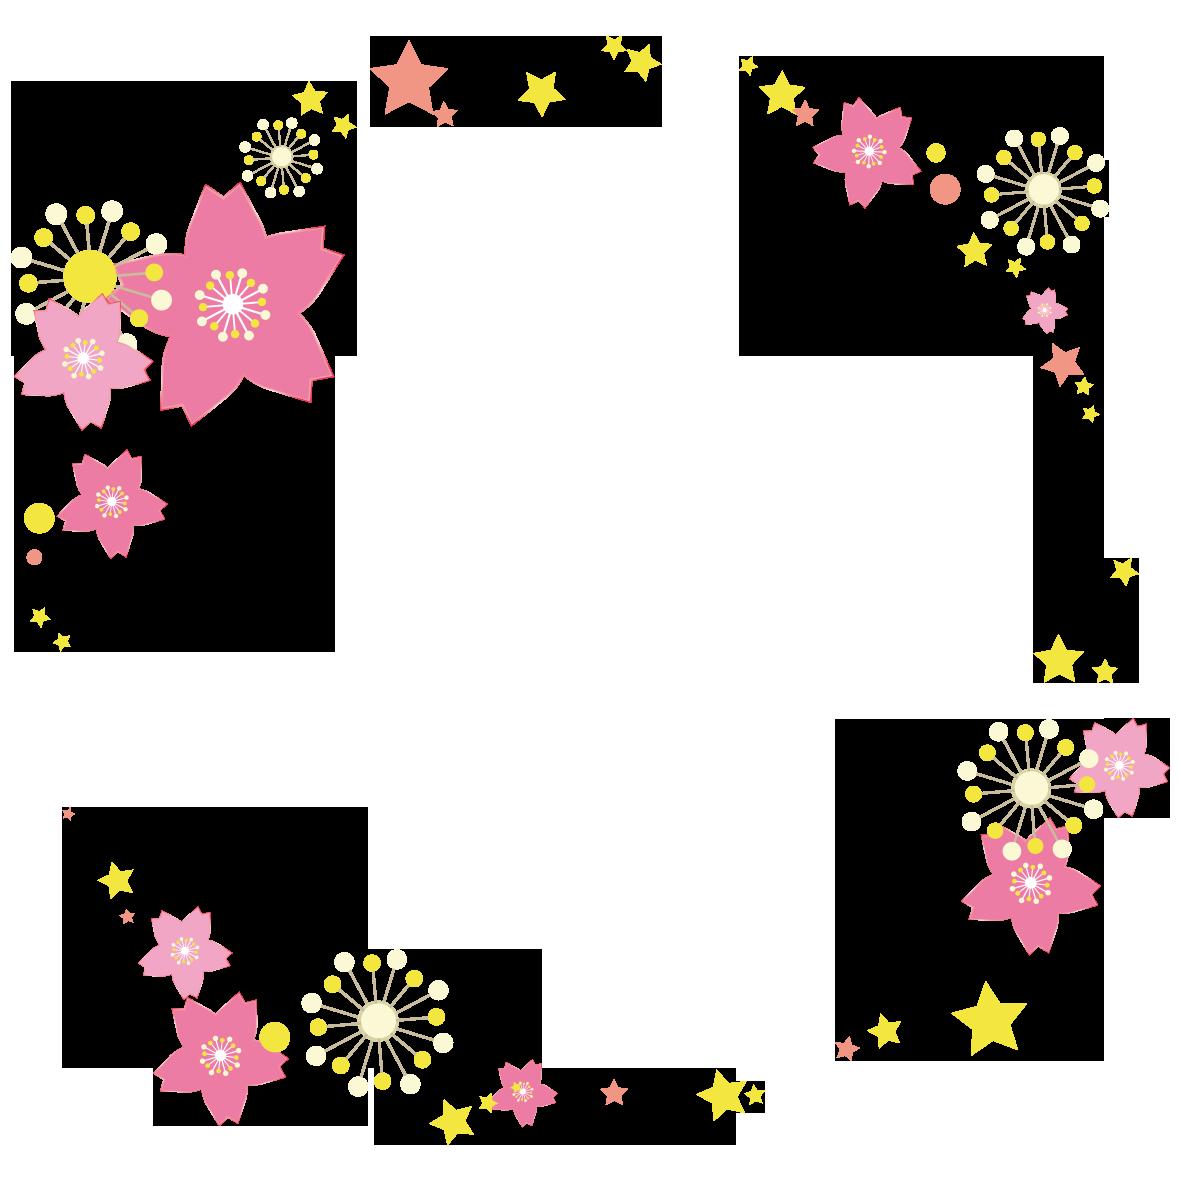 桜」のイラスト一覧 - 無料イラスト愛